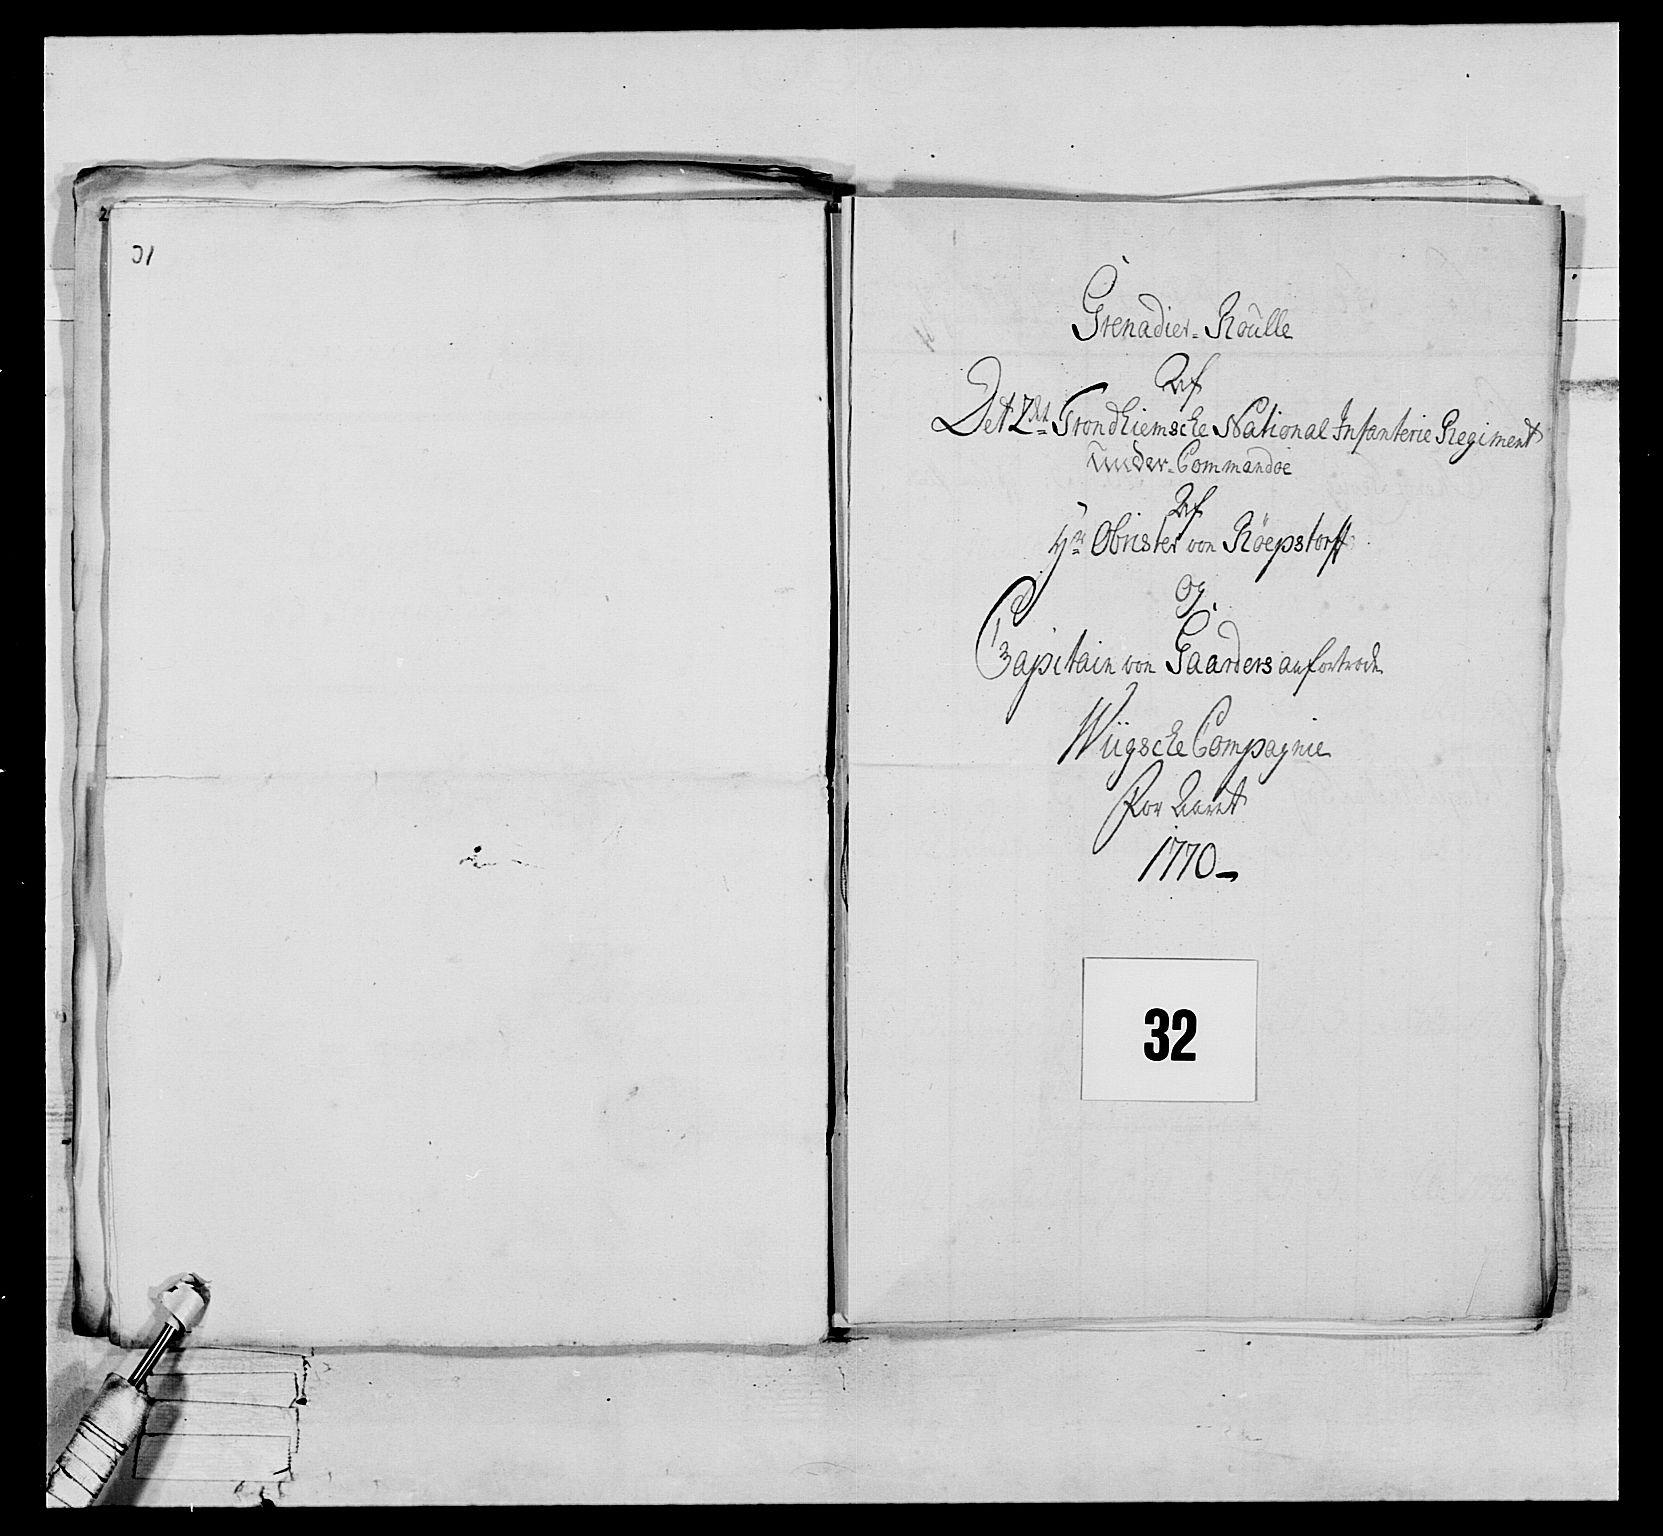 RA, Generalitets- og kommissariatskollegiet, Det kongelige norske kommissariatskollegium, E/Eh/L0076: 2. Trondheimske nasjonale infanteriregiment, 1766-1773, s. 93